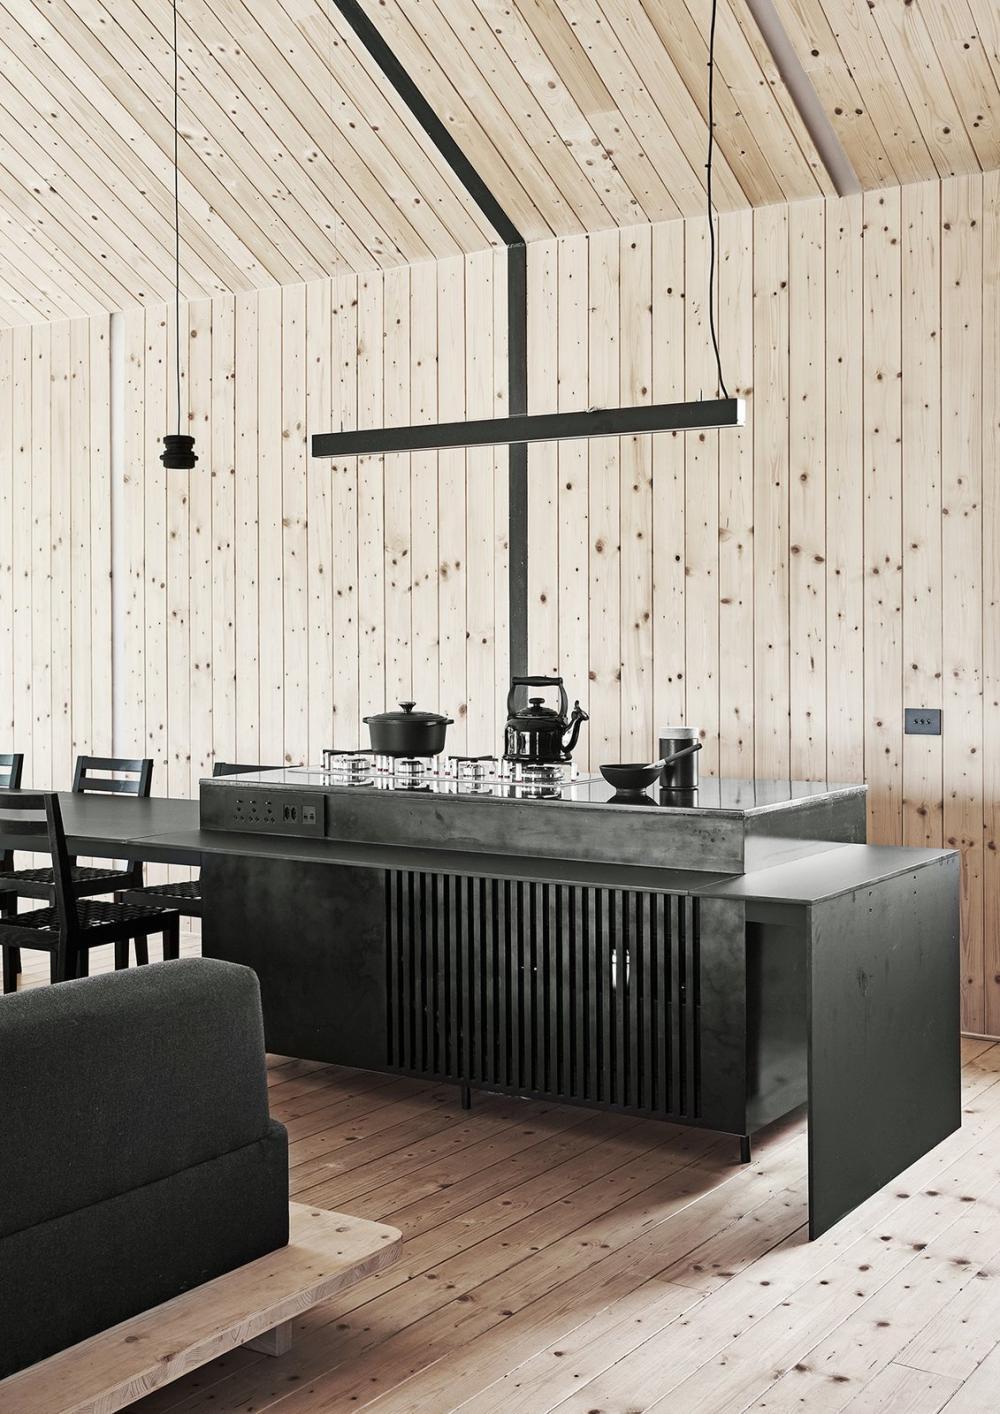 Bàn ăn là một phần mở rộng của quầy bếp, có bề mặt bằng đồng mạ đen. Đèn mặt dây chuyền khá nhỏ, giúp chiếu sáng cho khu vực nấu ăn